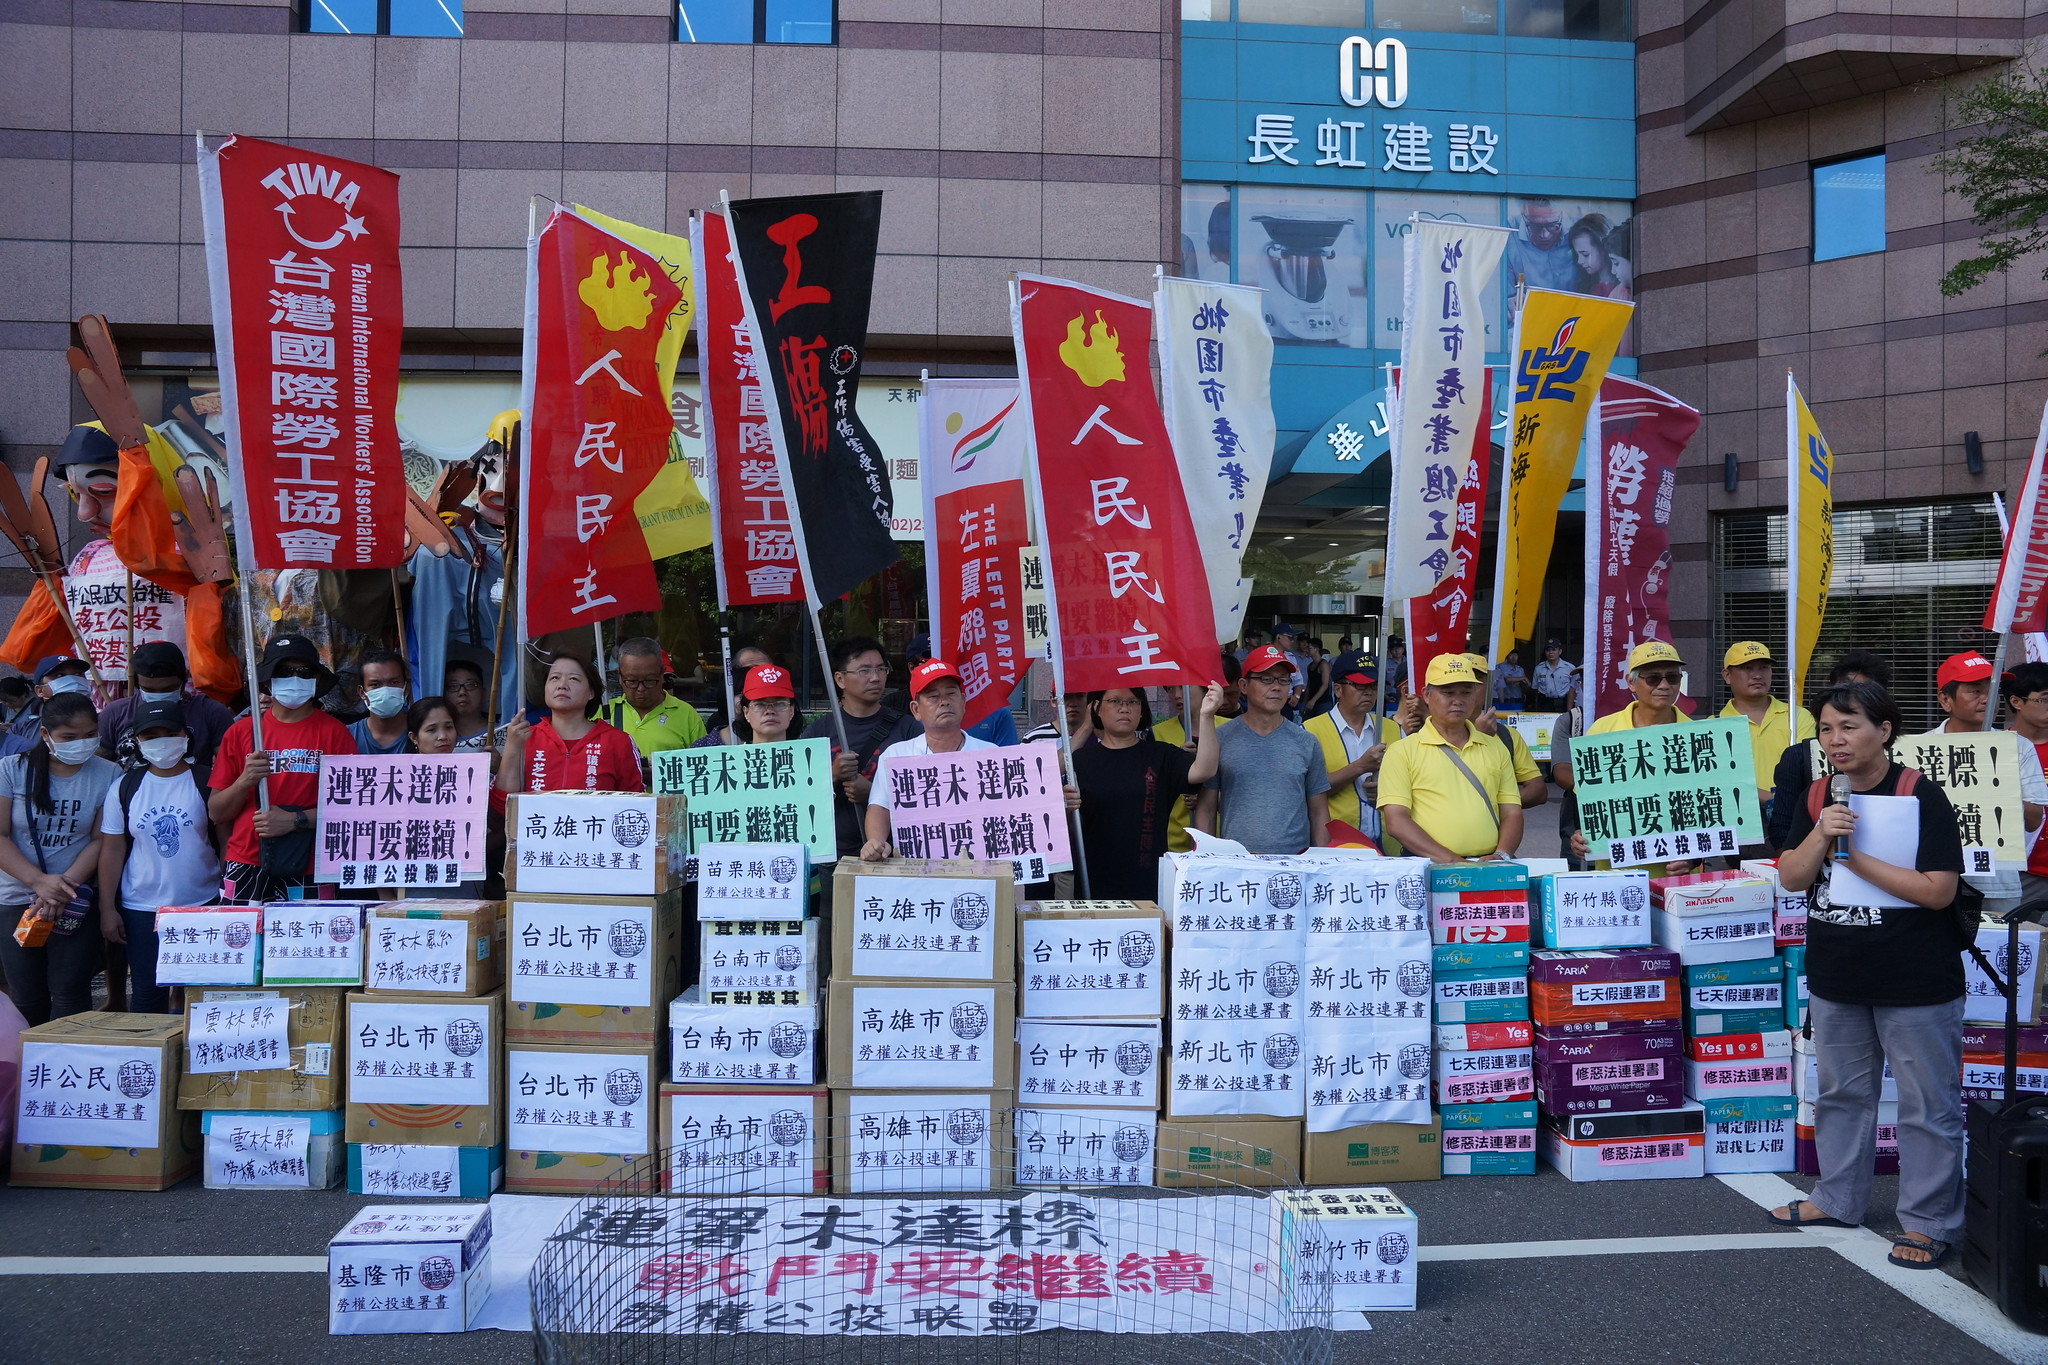 """""""劳权公投联盟""""在民进党中央党部前宣佈两项公投提案皆未能如期达标。(摄影:王颢中)"""